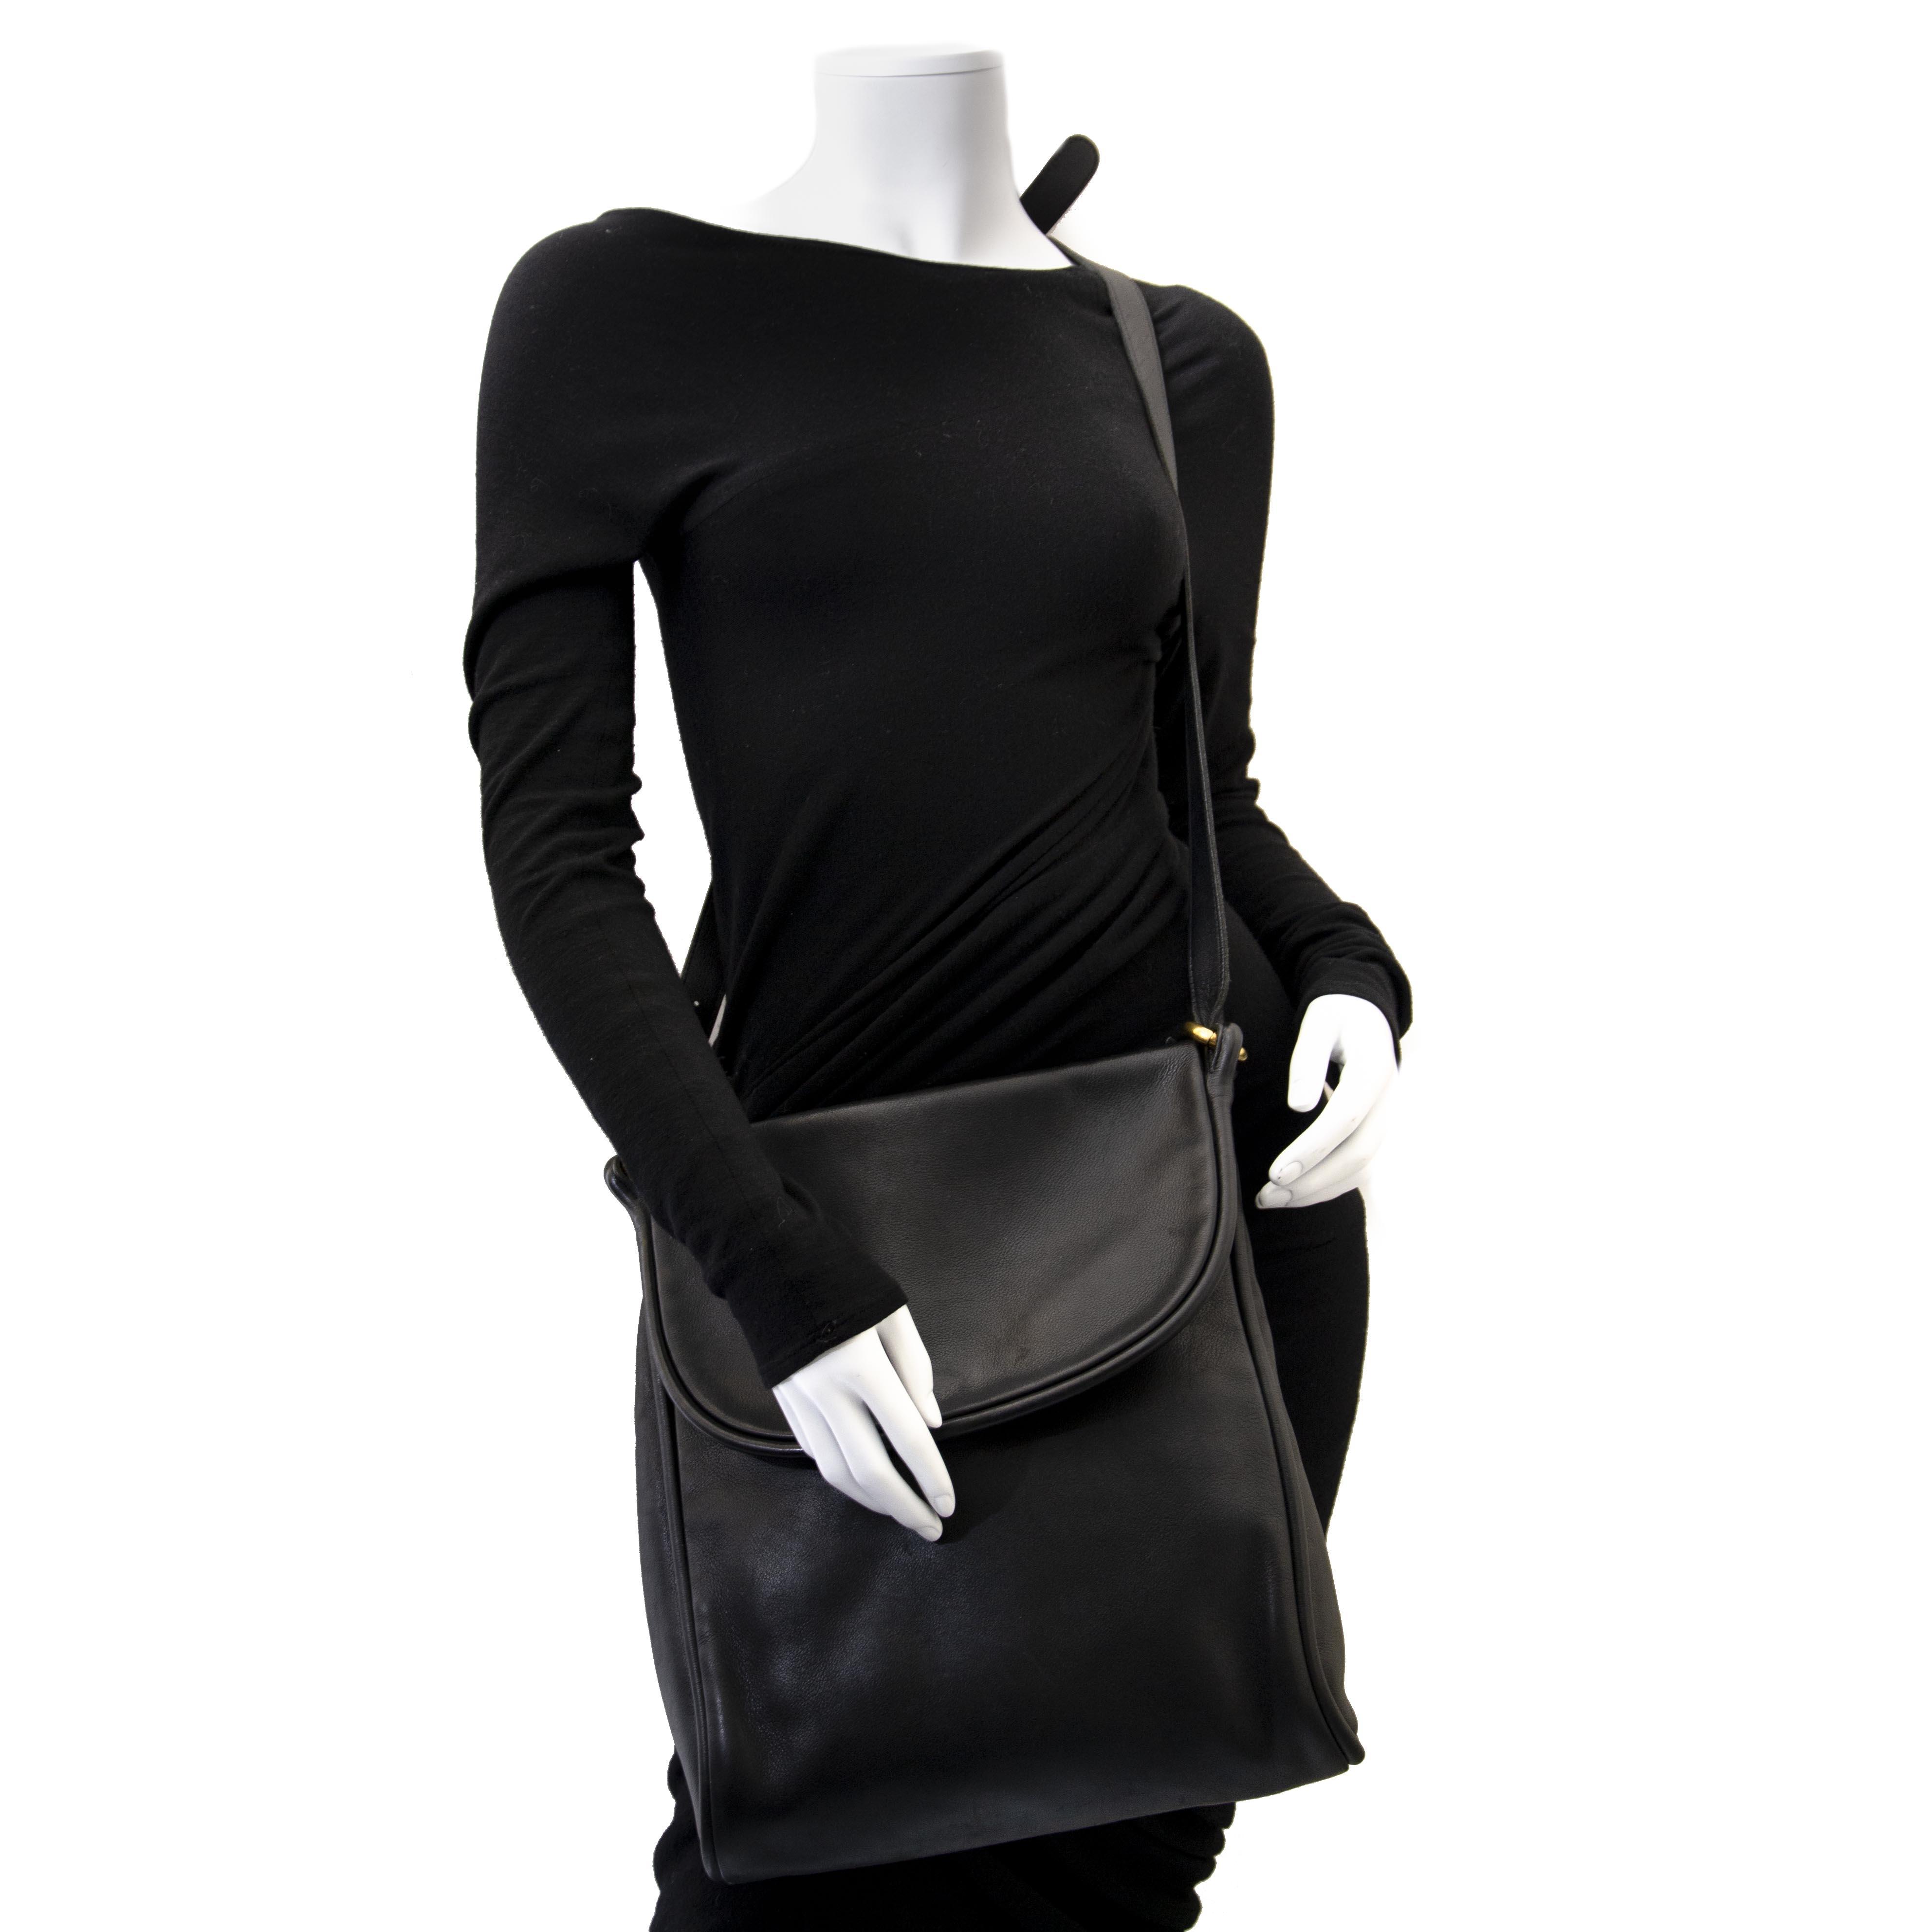 Tweedehands Delvaux handtas bij Labellov Antwerpen. Online webshop met designer handtassen